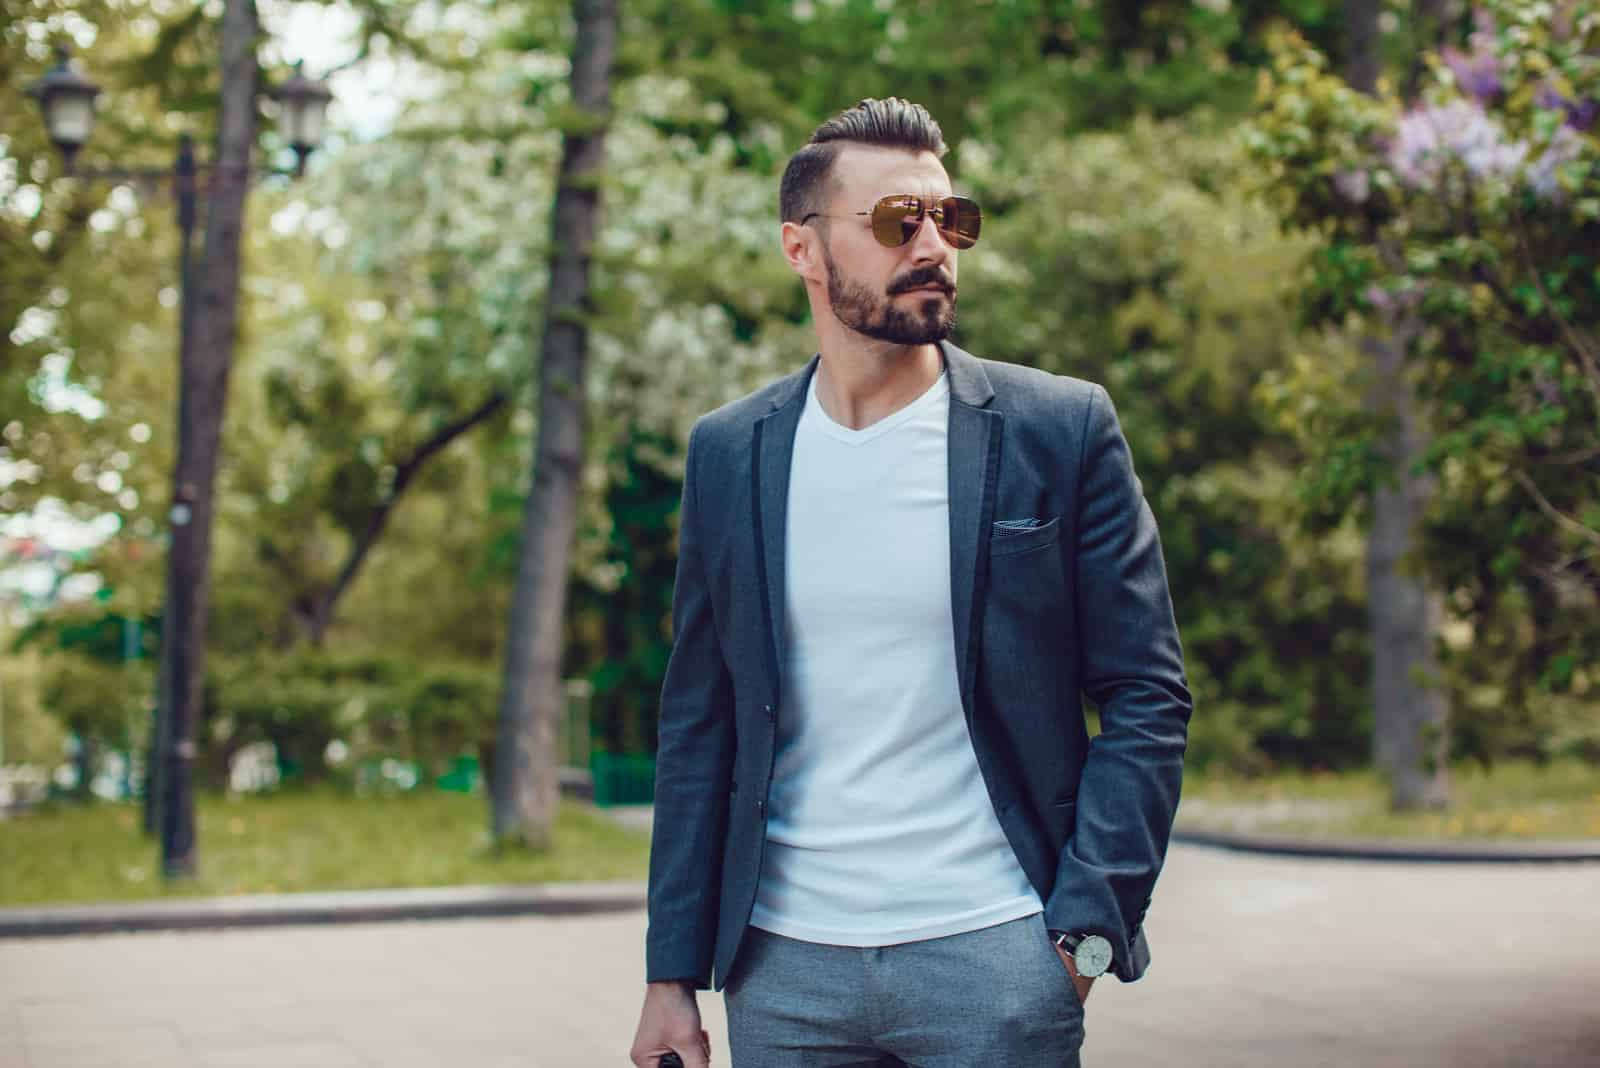 Stylish man with a beard